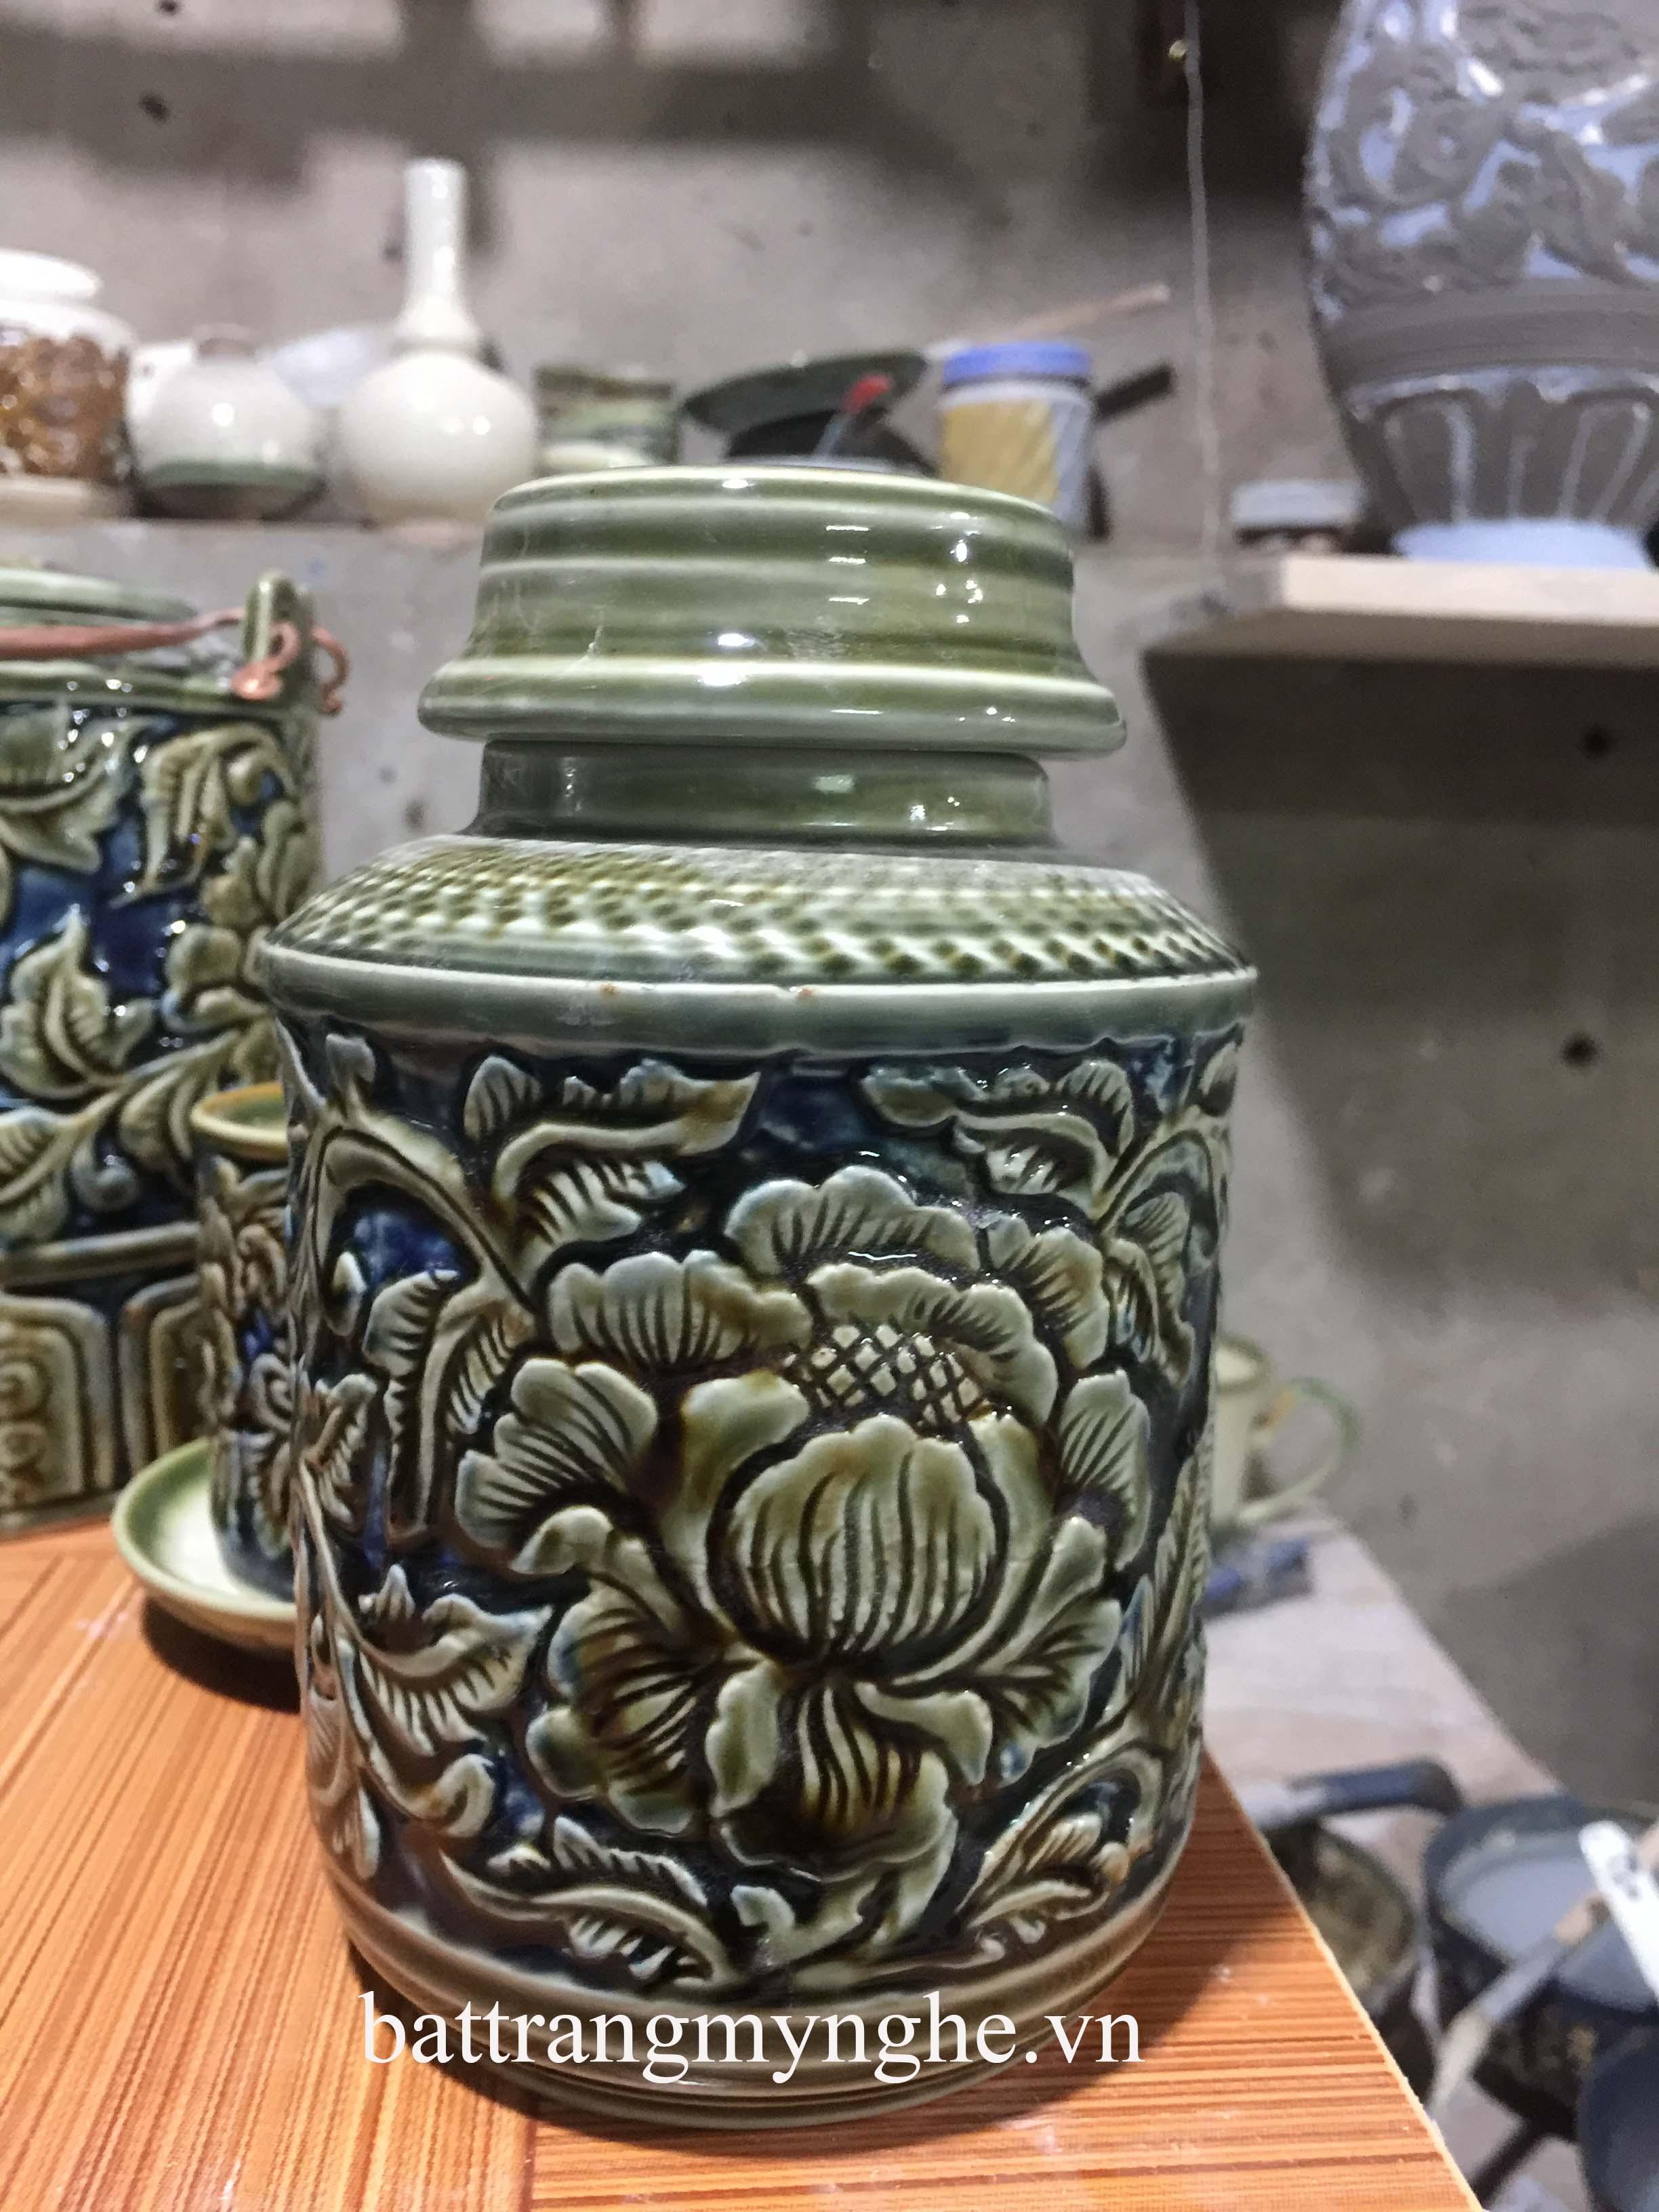 Bộ ấm tích khắc nổi hoa phù dung xanh - 1,25 lít kèm phụ kiện